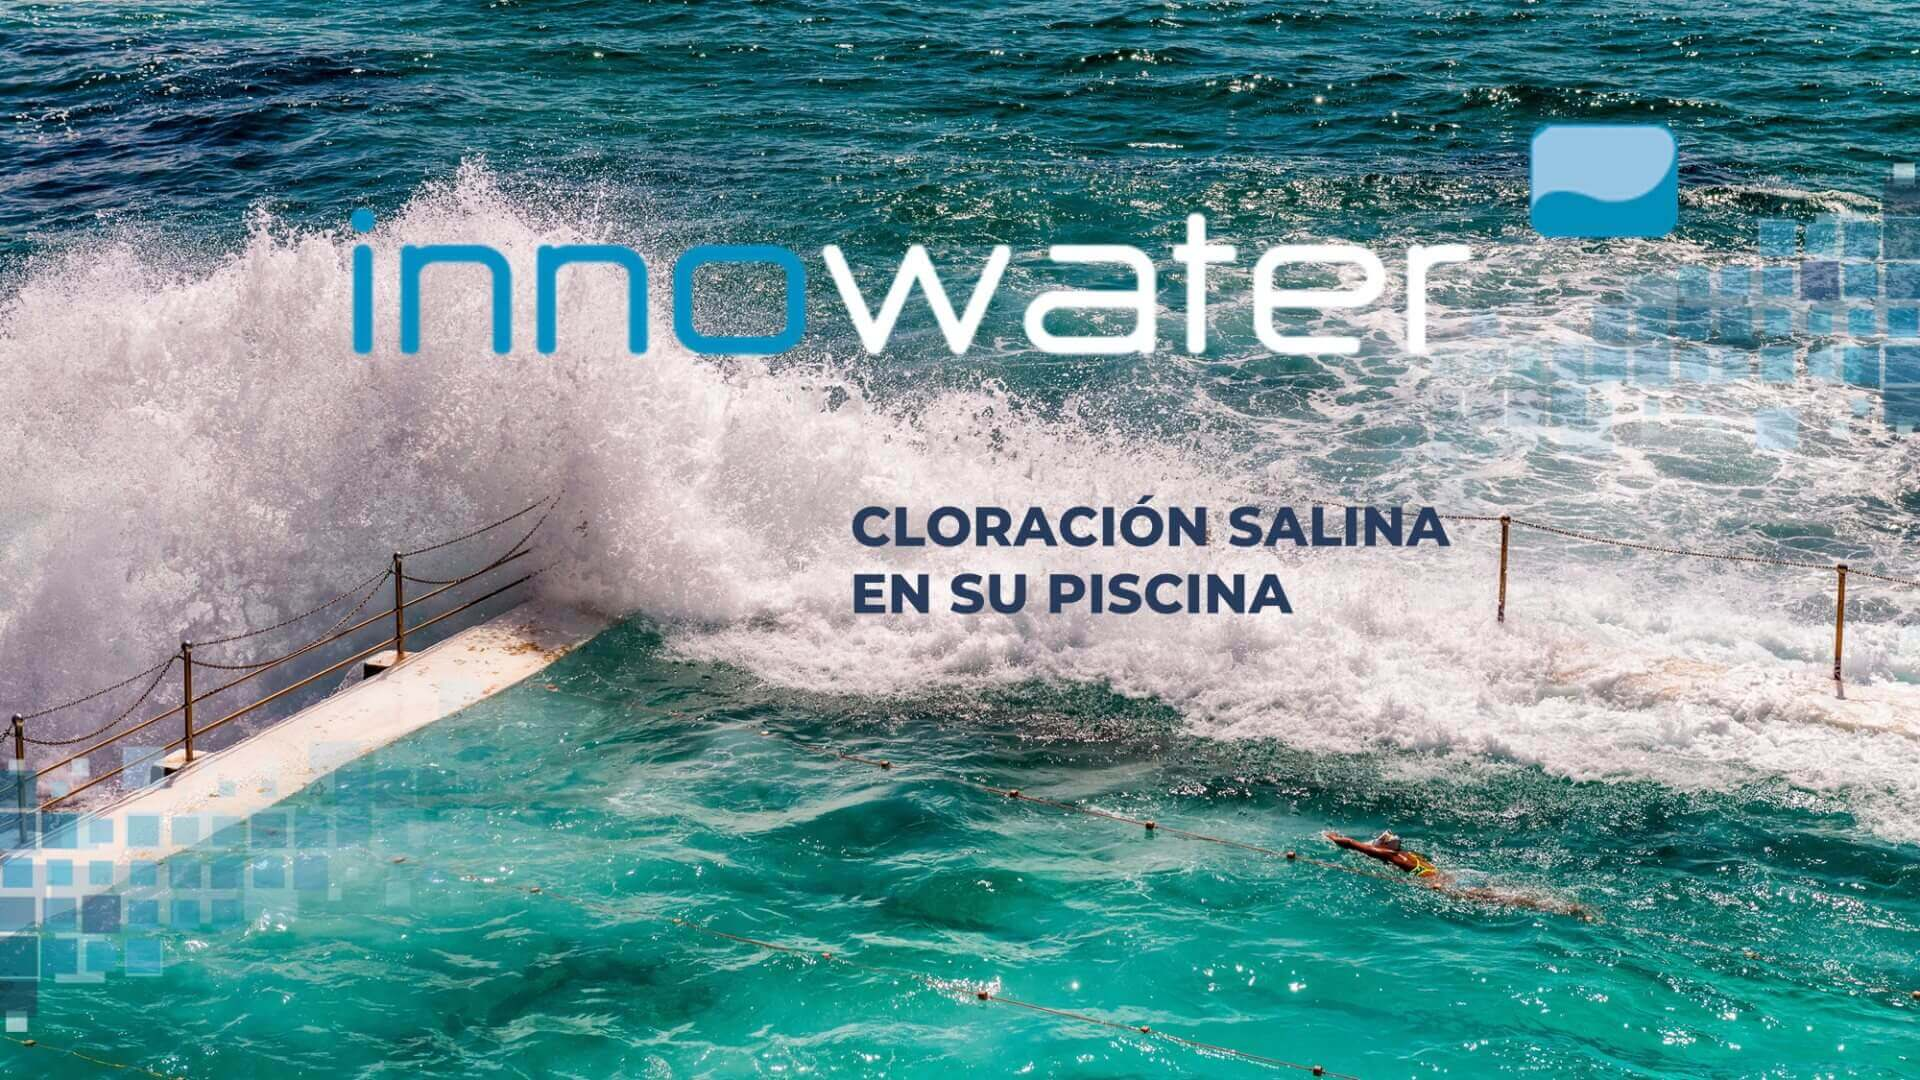 innowater cloración salina en su piscina